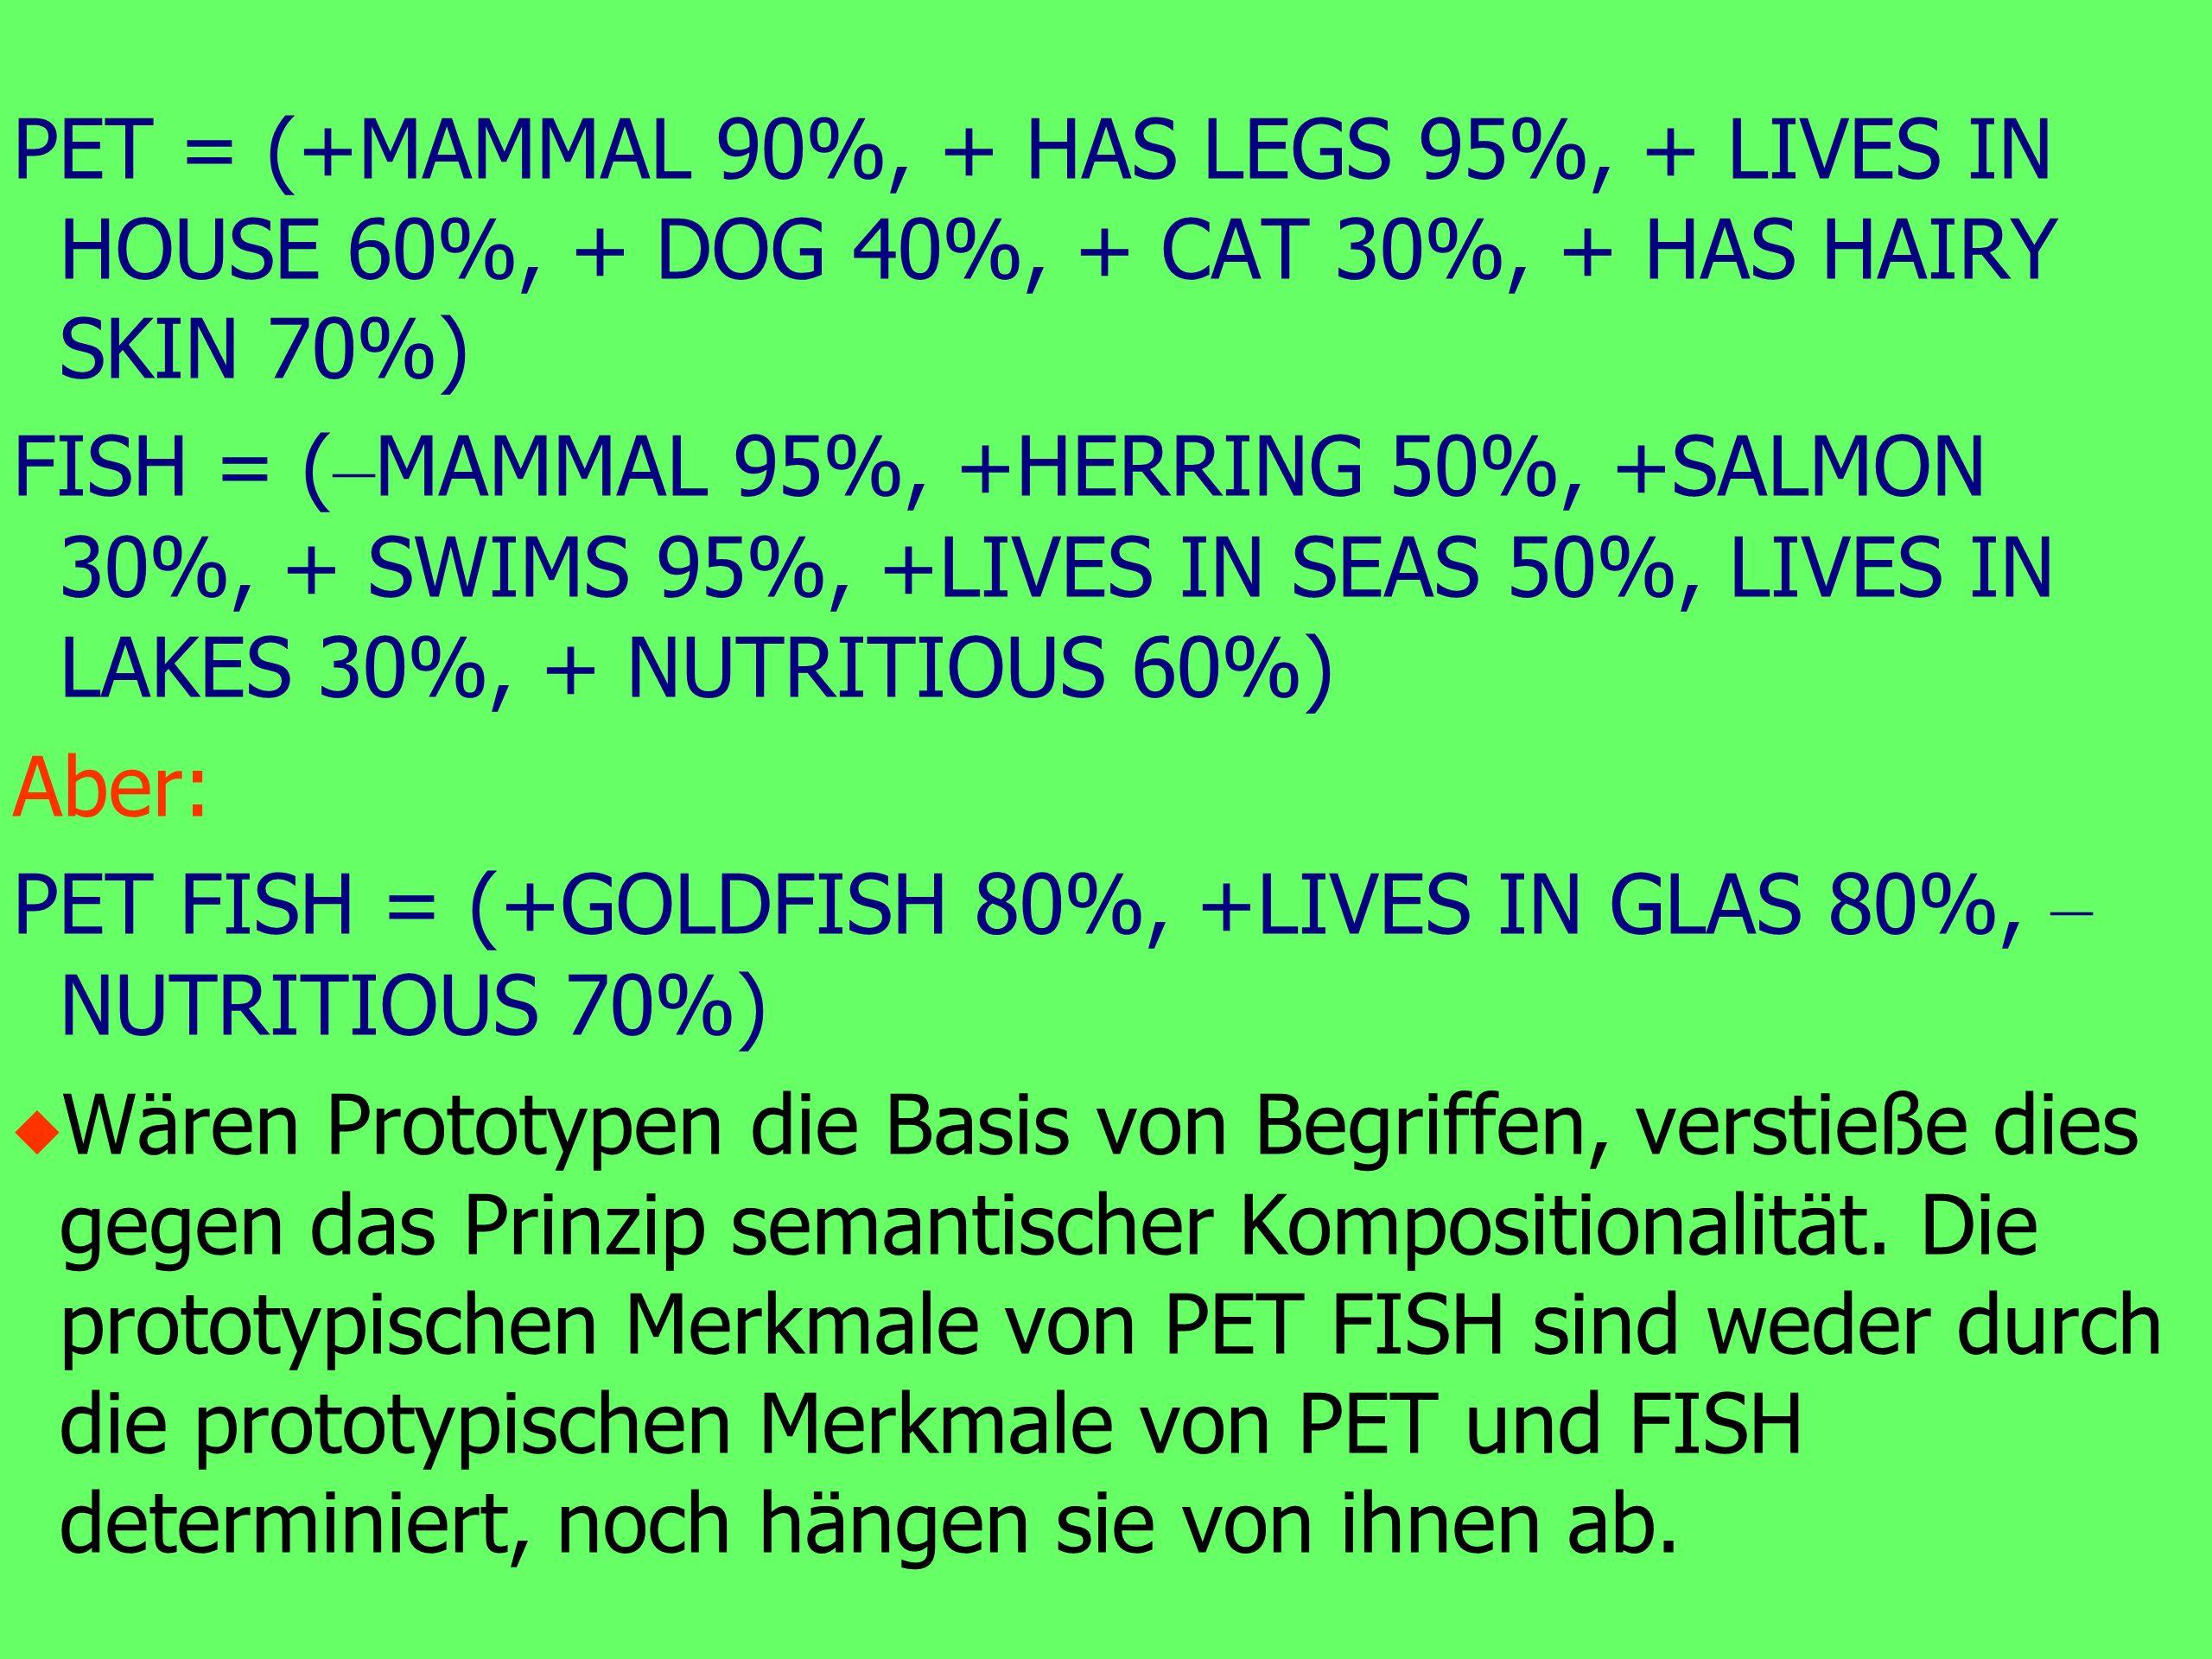 PET = (+MAMMAL 90%, + HAS LEGS 95%, + LIVES IN HOUSE 60%, + DOG 40%, + CAT 30%, + HAS HAIRY SKIN 70%) FISH = ( – MAMMAL 95%, +HERRING 50%, +SALMON 30%, + SWIMS 95%, +LIVES IN SEAS 50%, LIVES IN LAKES 30%, + NUTRITIOUS 60%) Aber: PET FISH = (+GOLDFISH 80%, +LIVES IN GLAS 80%, – NUTRITIOUS 70%) u Wären Prototypen die Basis von Begriffen, verstieße dies gegen das Prinzip semantischer Kompositionalität.